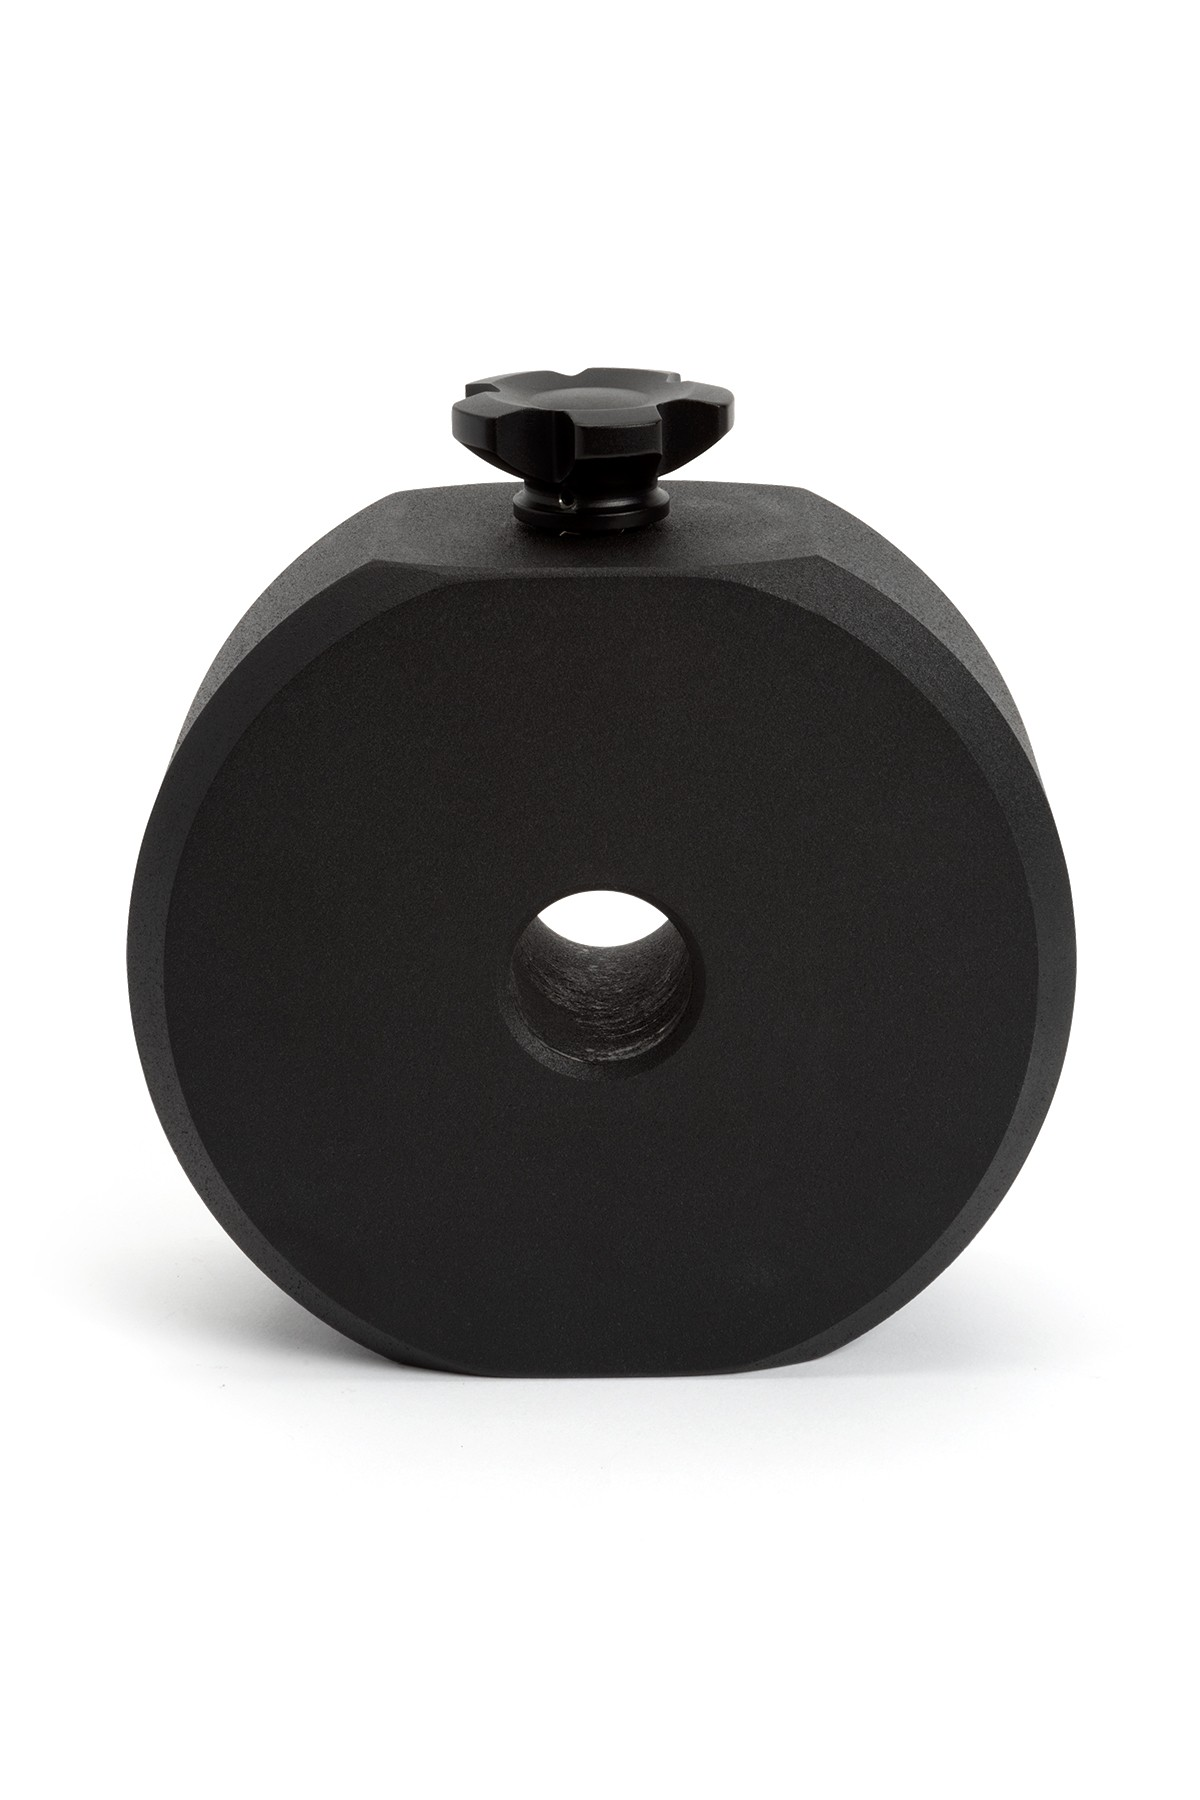 Gegengewicht 10 kg, Stahl, lackiert - für CGX-L und CGE-Pro